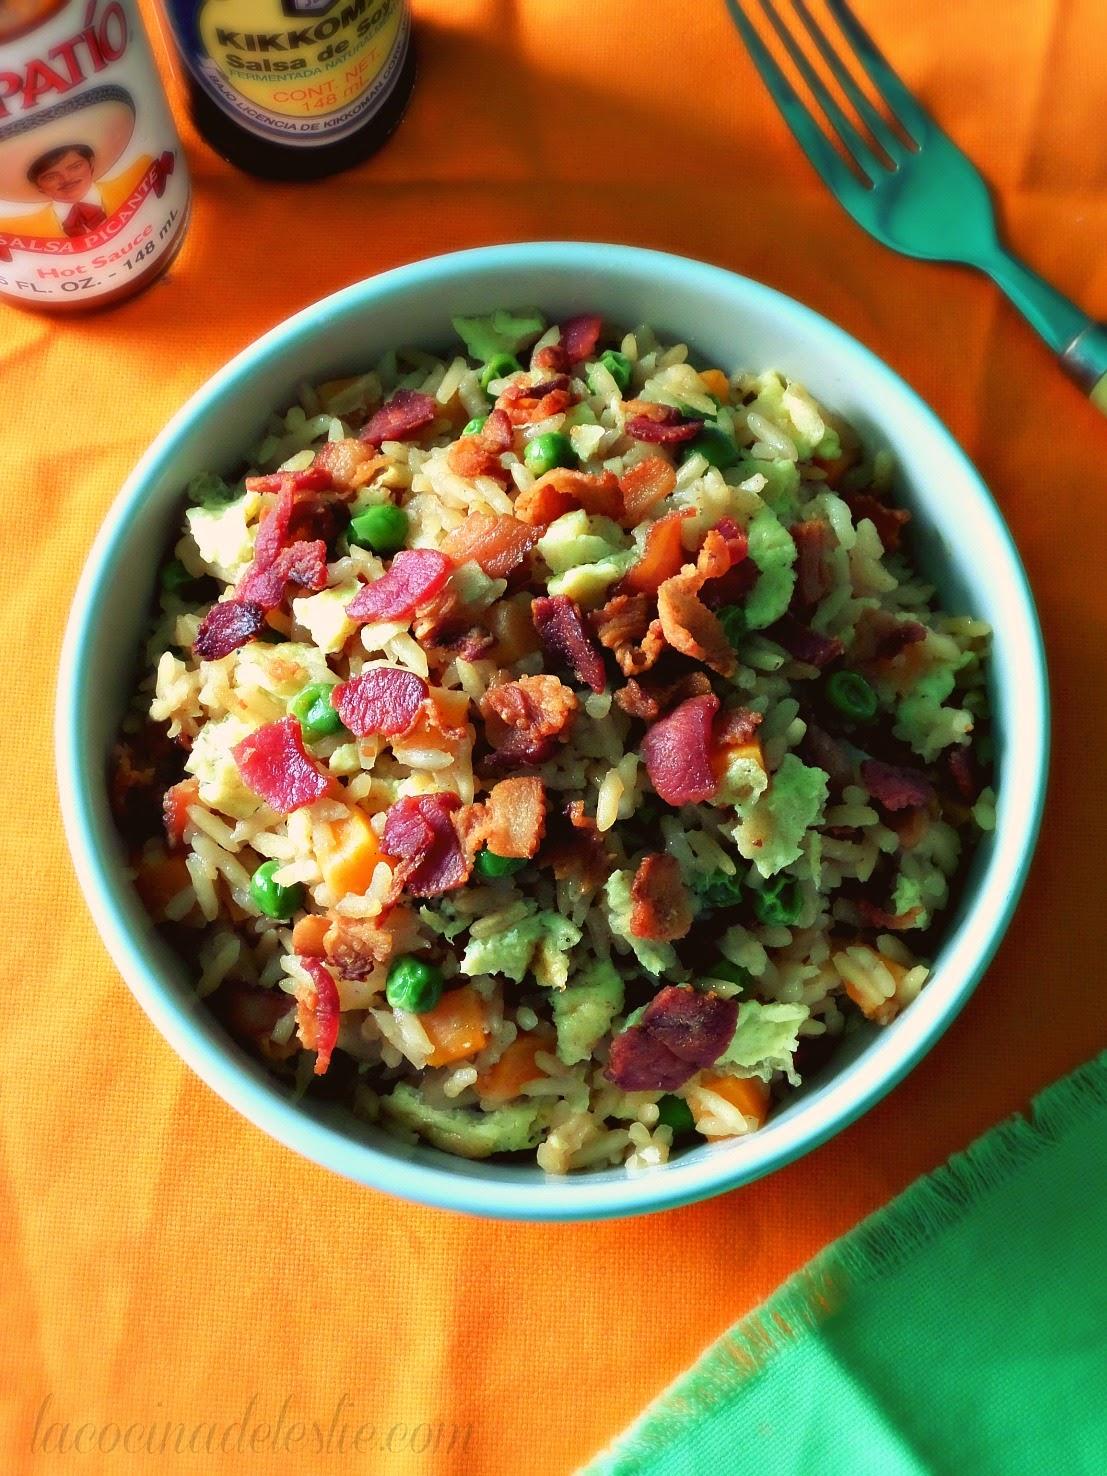 Arroz Frito con Tocino - lacocinadeleslie.com